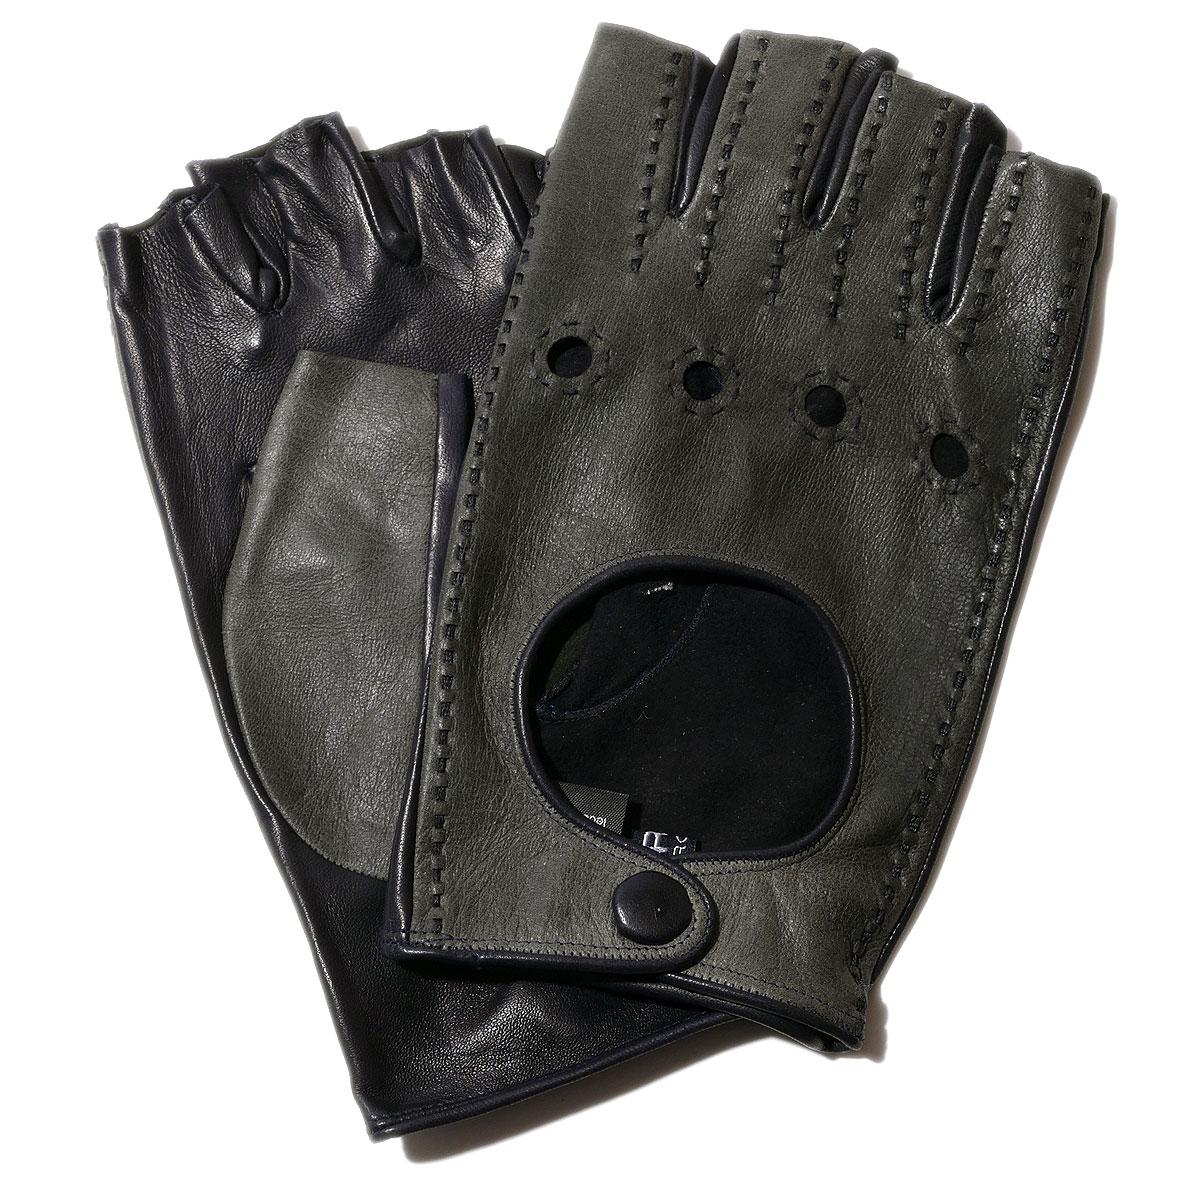 メローラ カットオフ ドライビンググローブ ヴィンテージ・ラムナッパ(グレー/ネイビー)【イタリア製】MEROLA 手袋指なし メンズ【手ぶくろ 男性用 】 ブランド ギフト